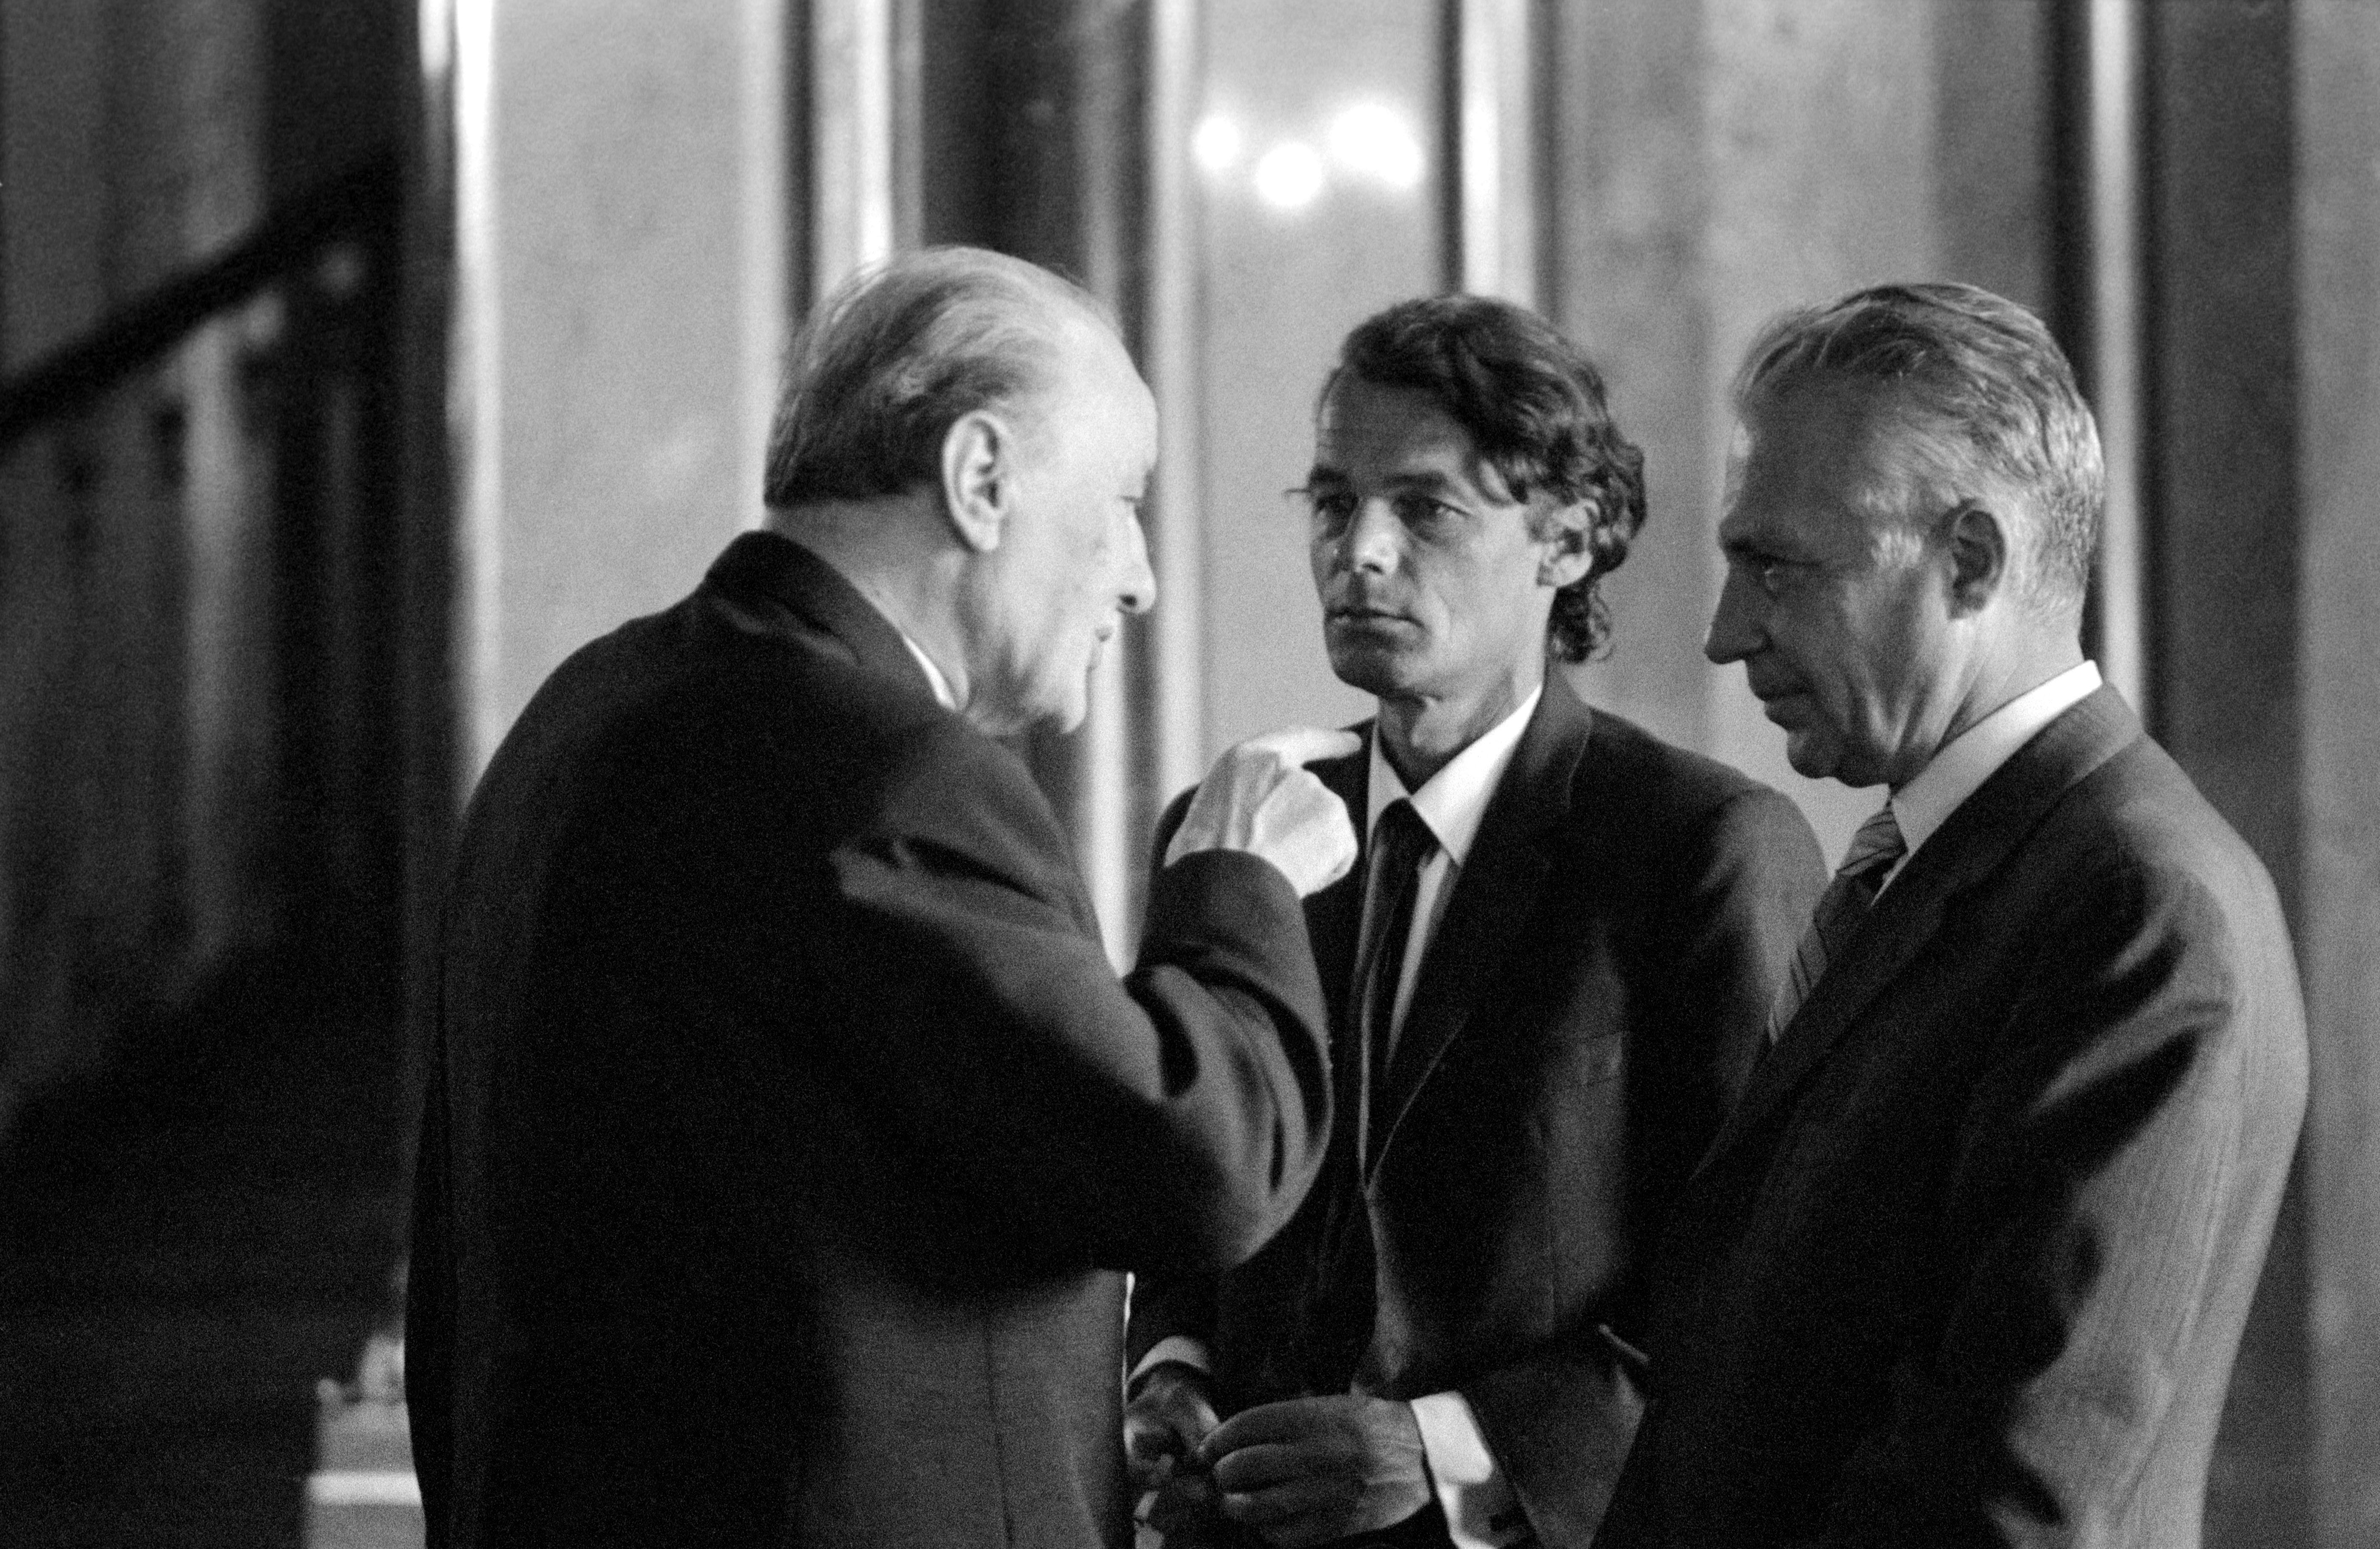 Kádár János tart eligazítást Gyurkó Lászlónak (középen) és dr. Király István egyetemi tanárnak a Parlamentben / Fotó: MTI